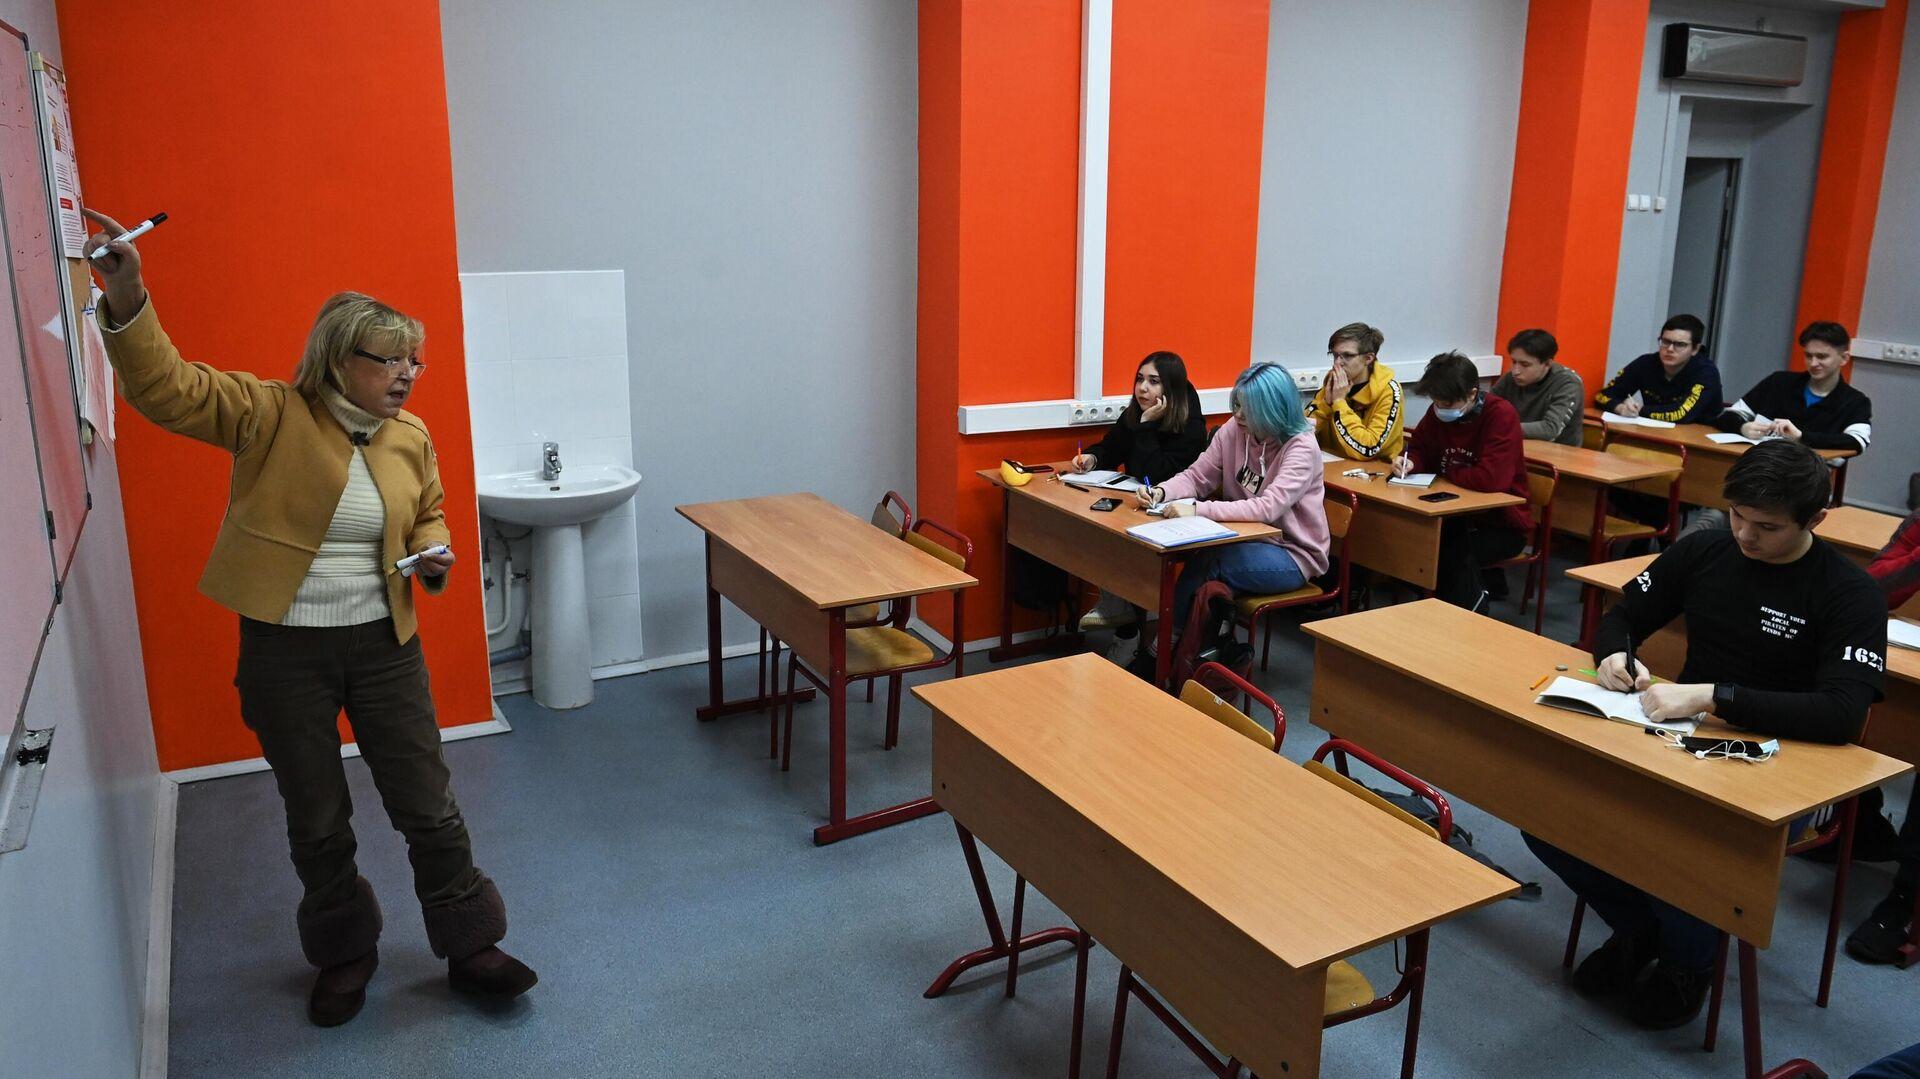 Учебное занятие в колледже предпринимательства №11 в Москве - РИА Новости, 1920, 22.07.2021